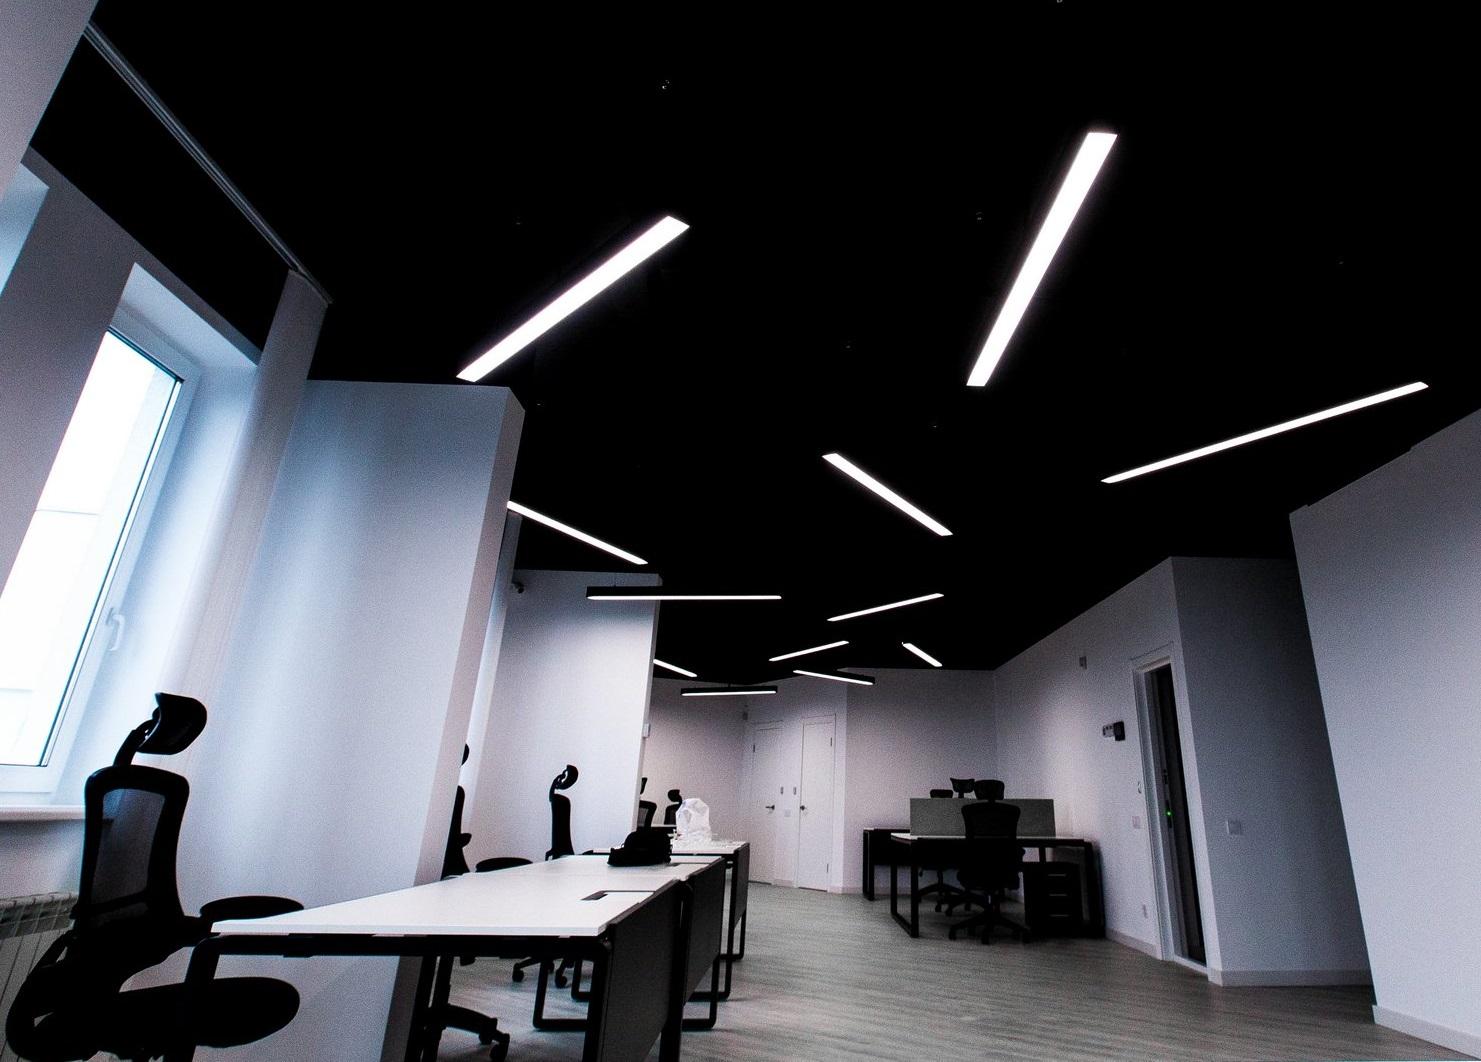 svetilnik-svetodiodnyj-linejnyj-konstrukciya-plyusy-i-primenenie